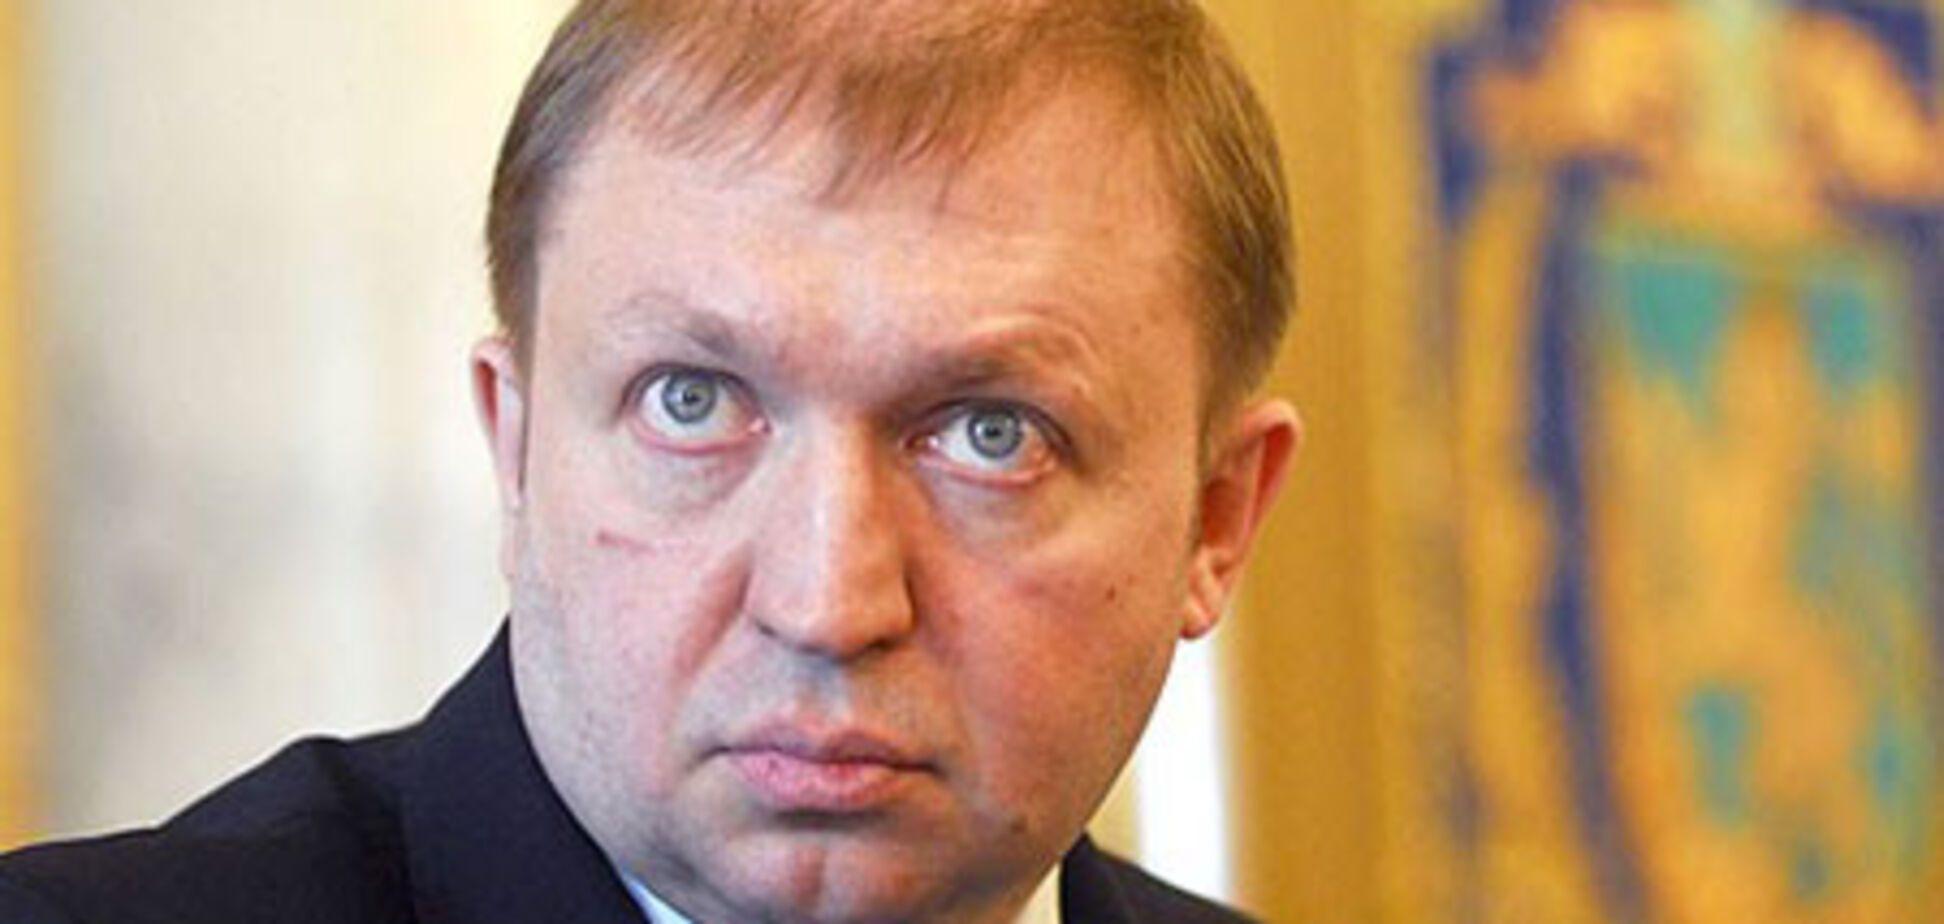 Львовского губернатора сменит тернопольский - источники